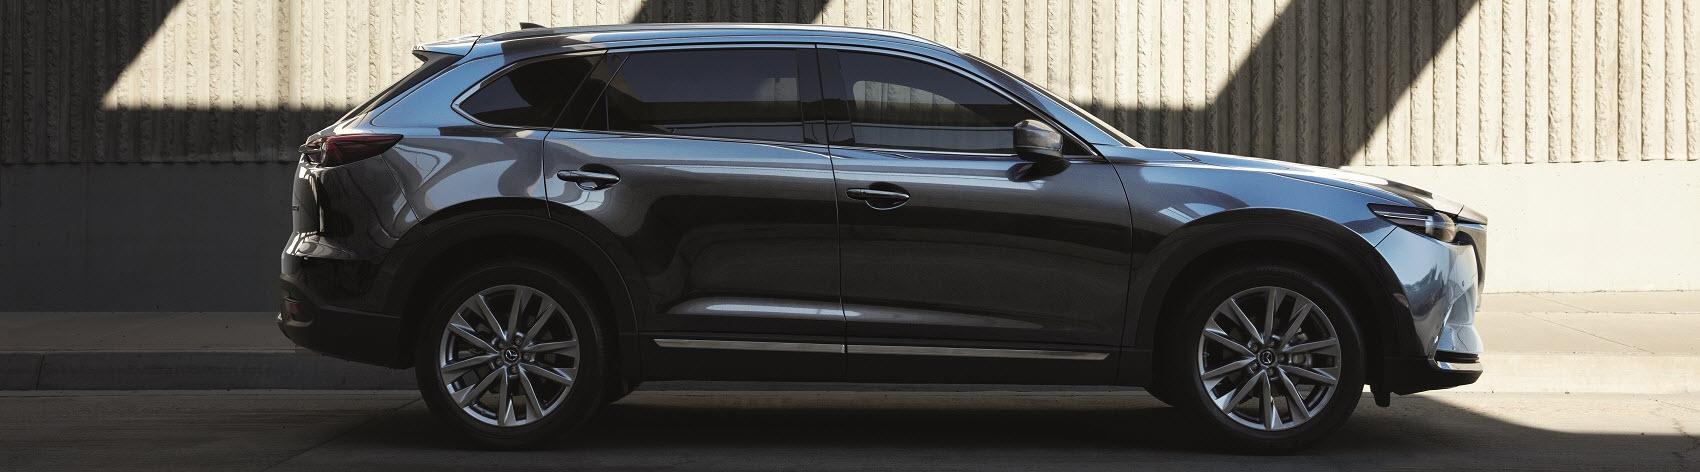 Mazda Dealership Near Me >> Mazda Dealer Near Me Mazda Of Gastonia